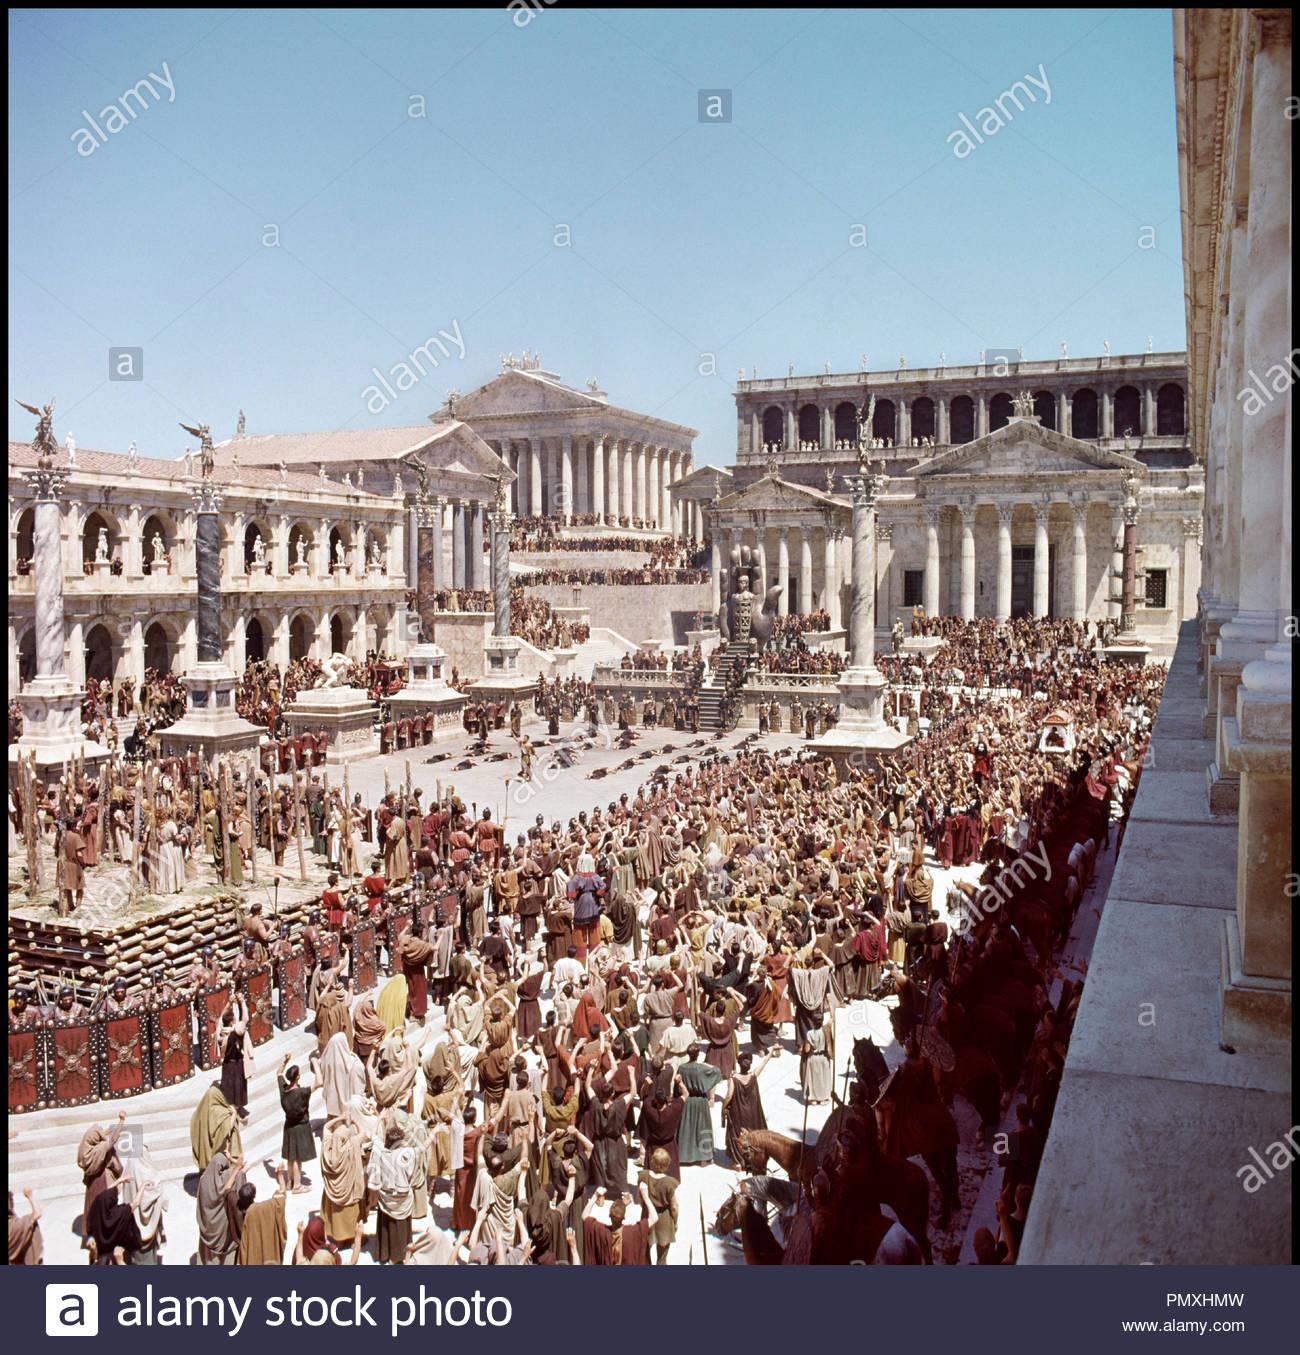 ce129c4a55b9d7 Prod DB © Rank Organisation   DR LA CHUTE DE L EMPIRE ROMAIN (THE FALL OF  THE ROMAN EMPIRE) de Anthony Mann 1964 USA rome antique, senat, forum,  republique ...